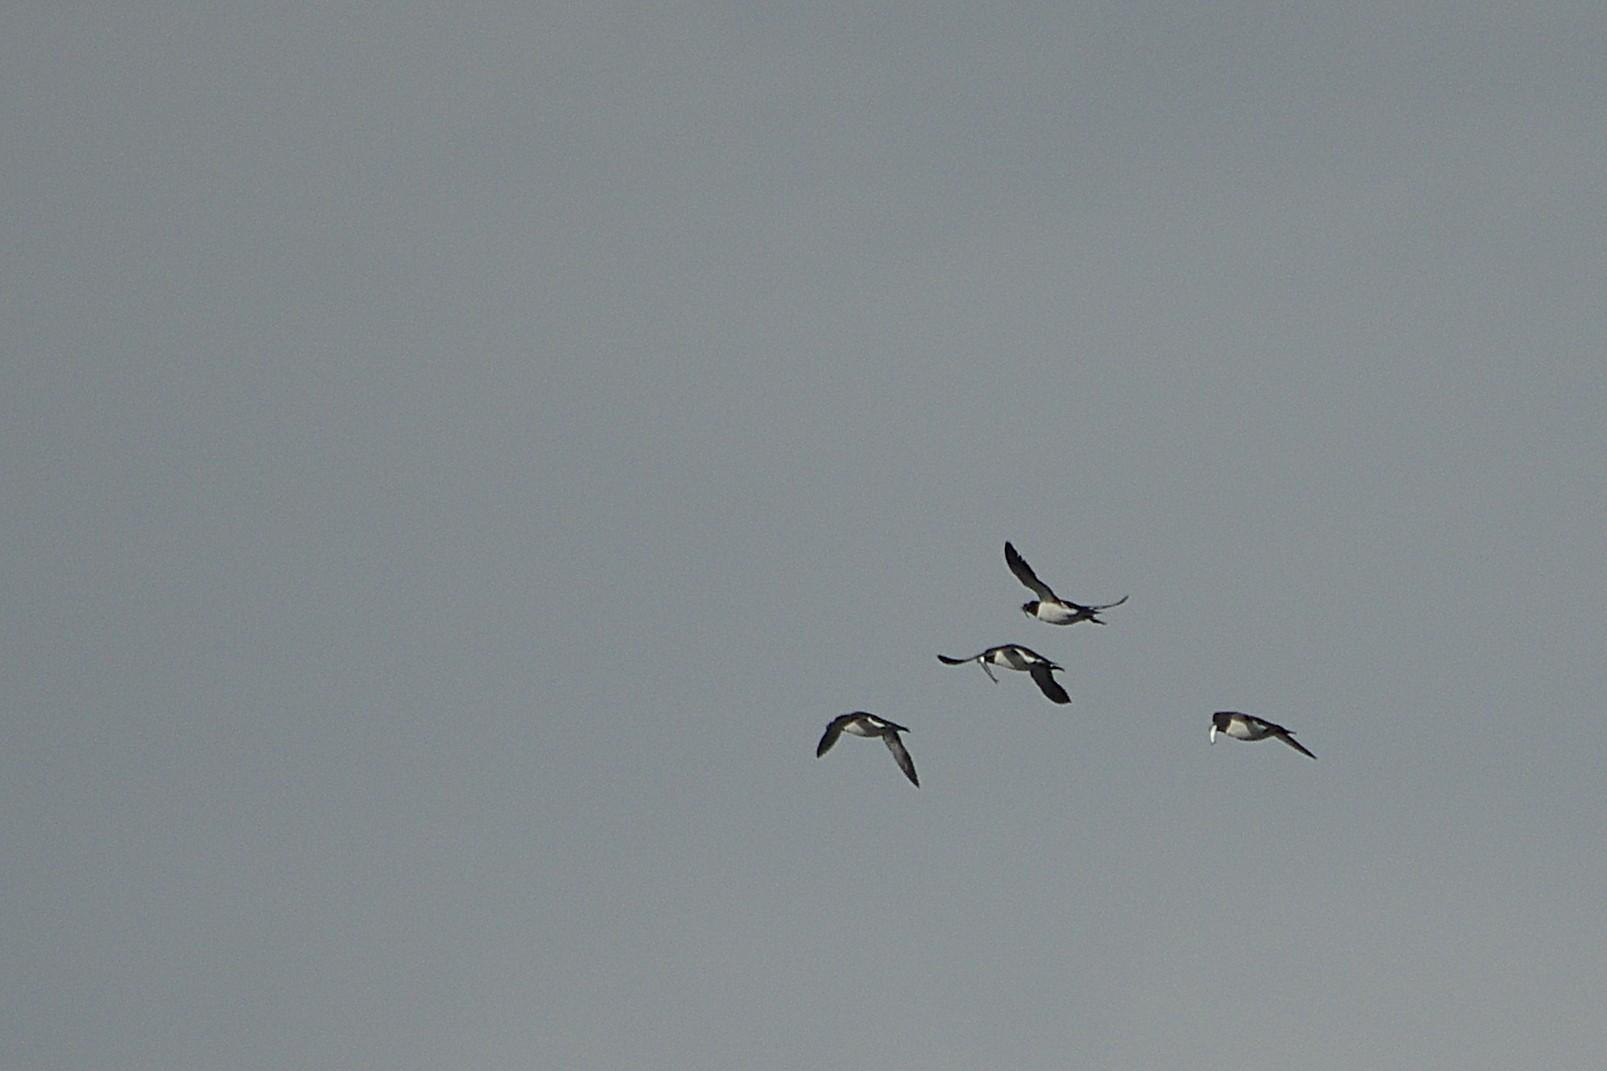 die Vogelwelt ist fleißig am Futter sammeln ...